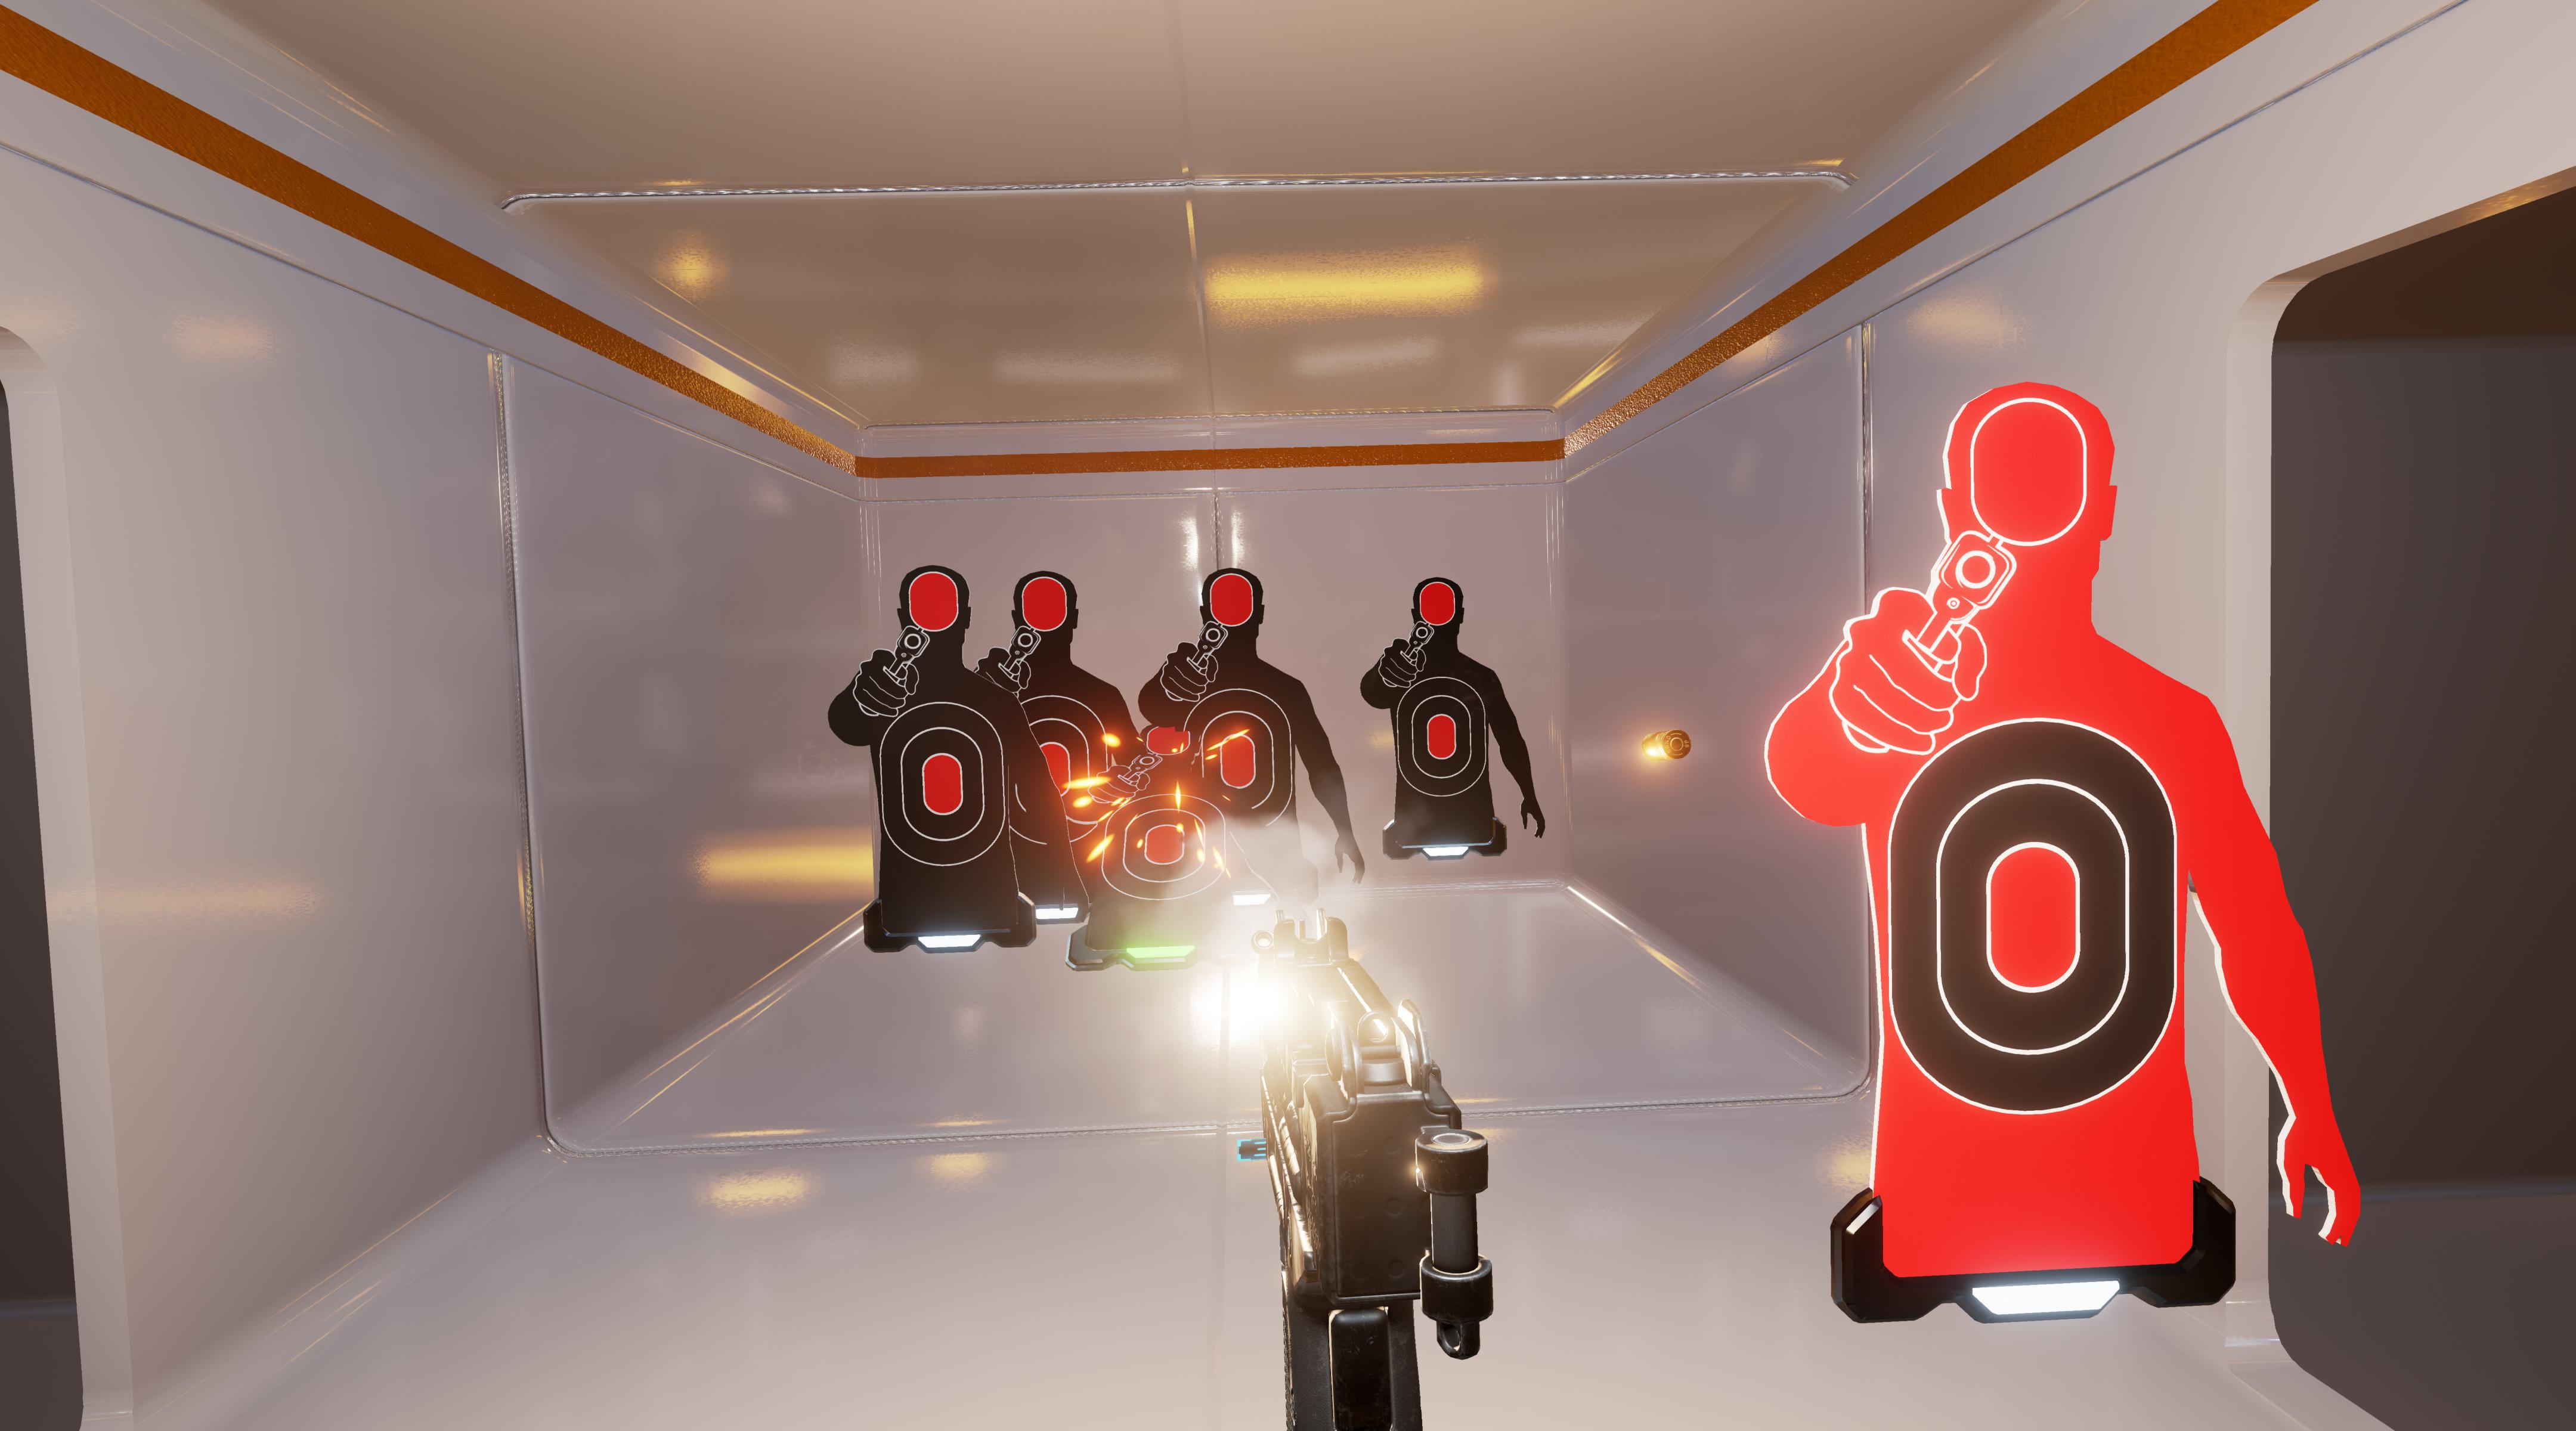 Lethal VR game image